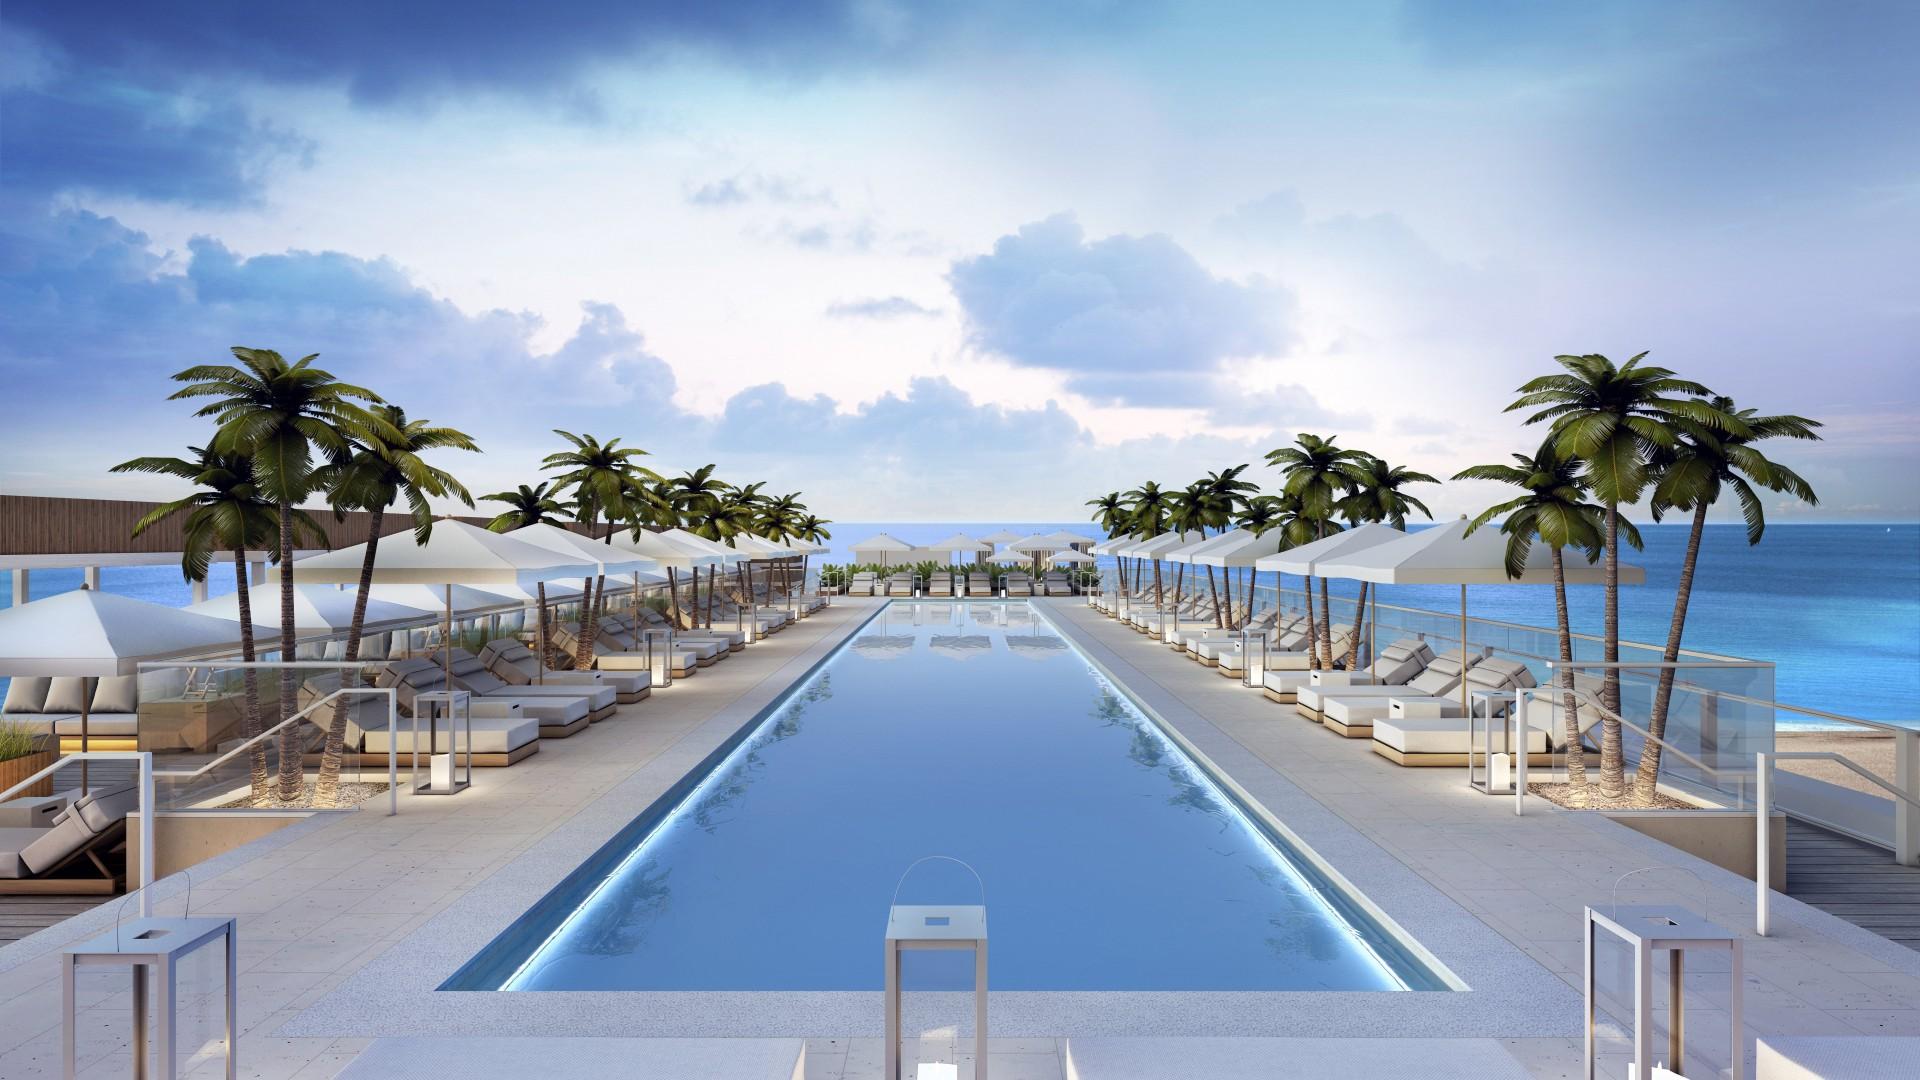 Майами США страны архитектура пляж без смс